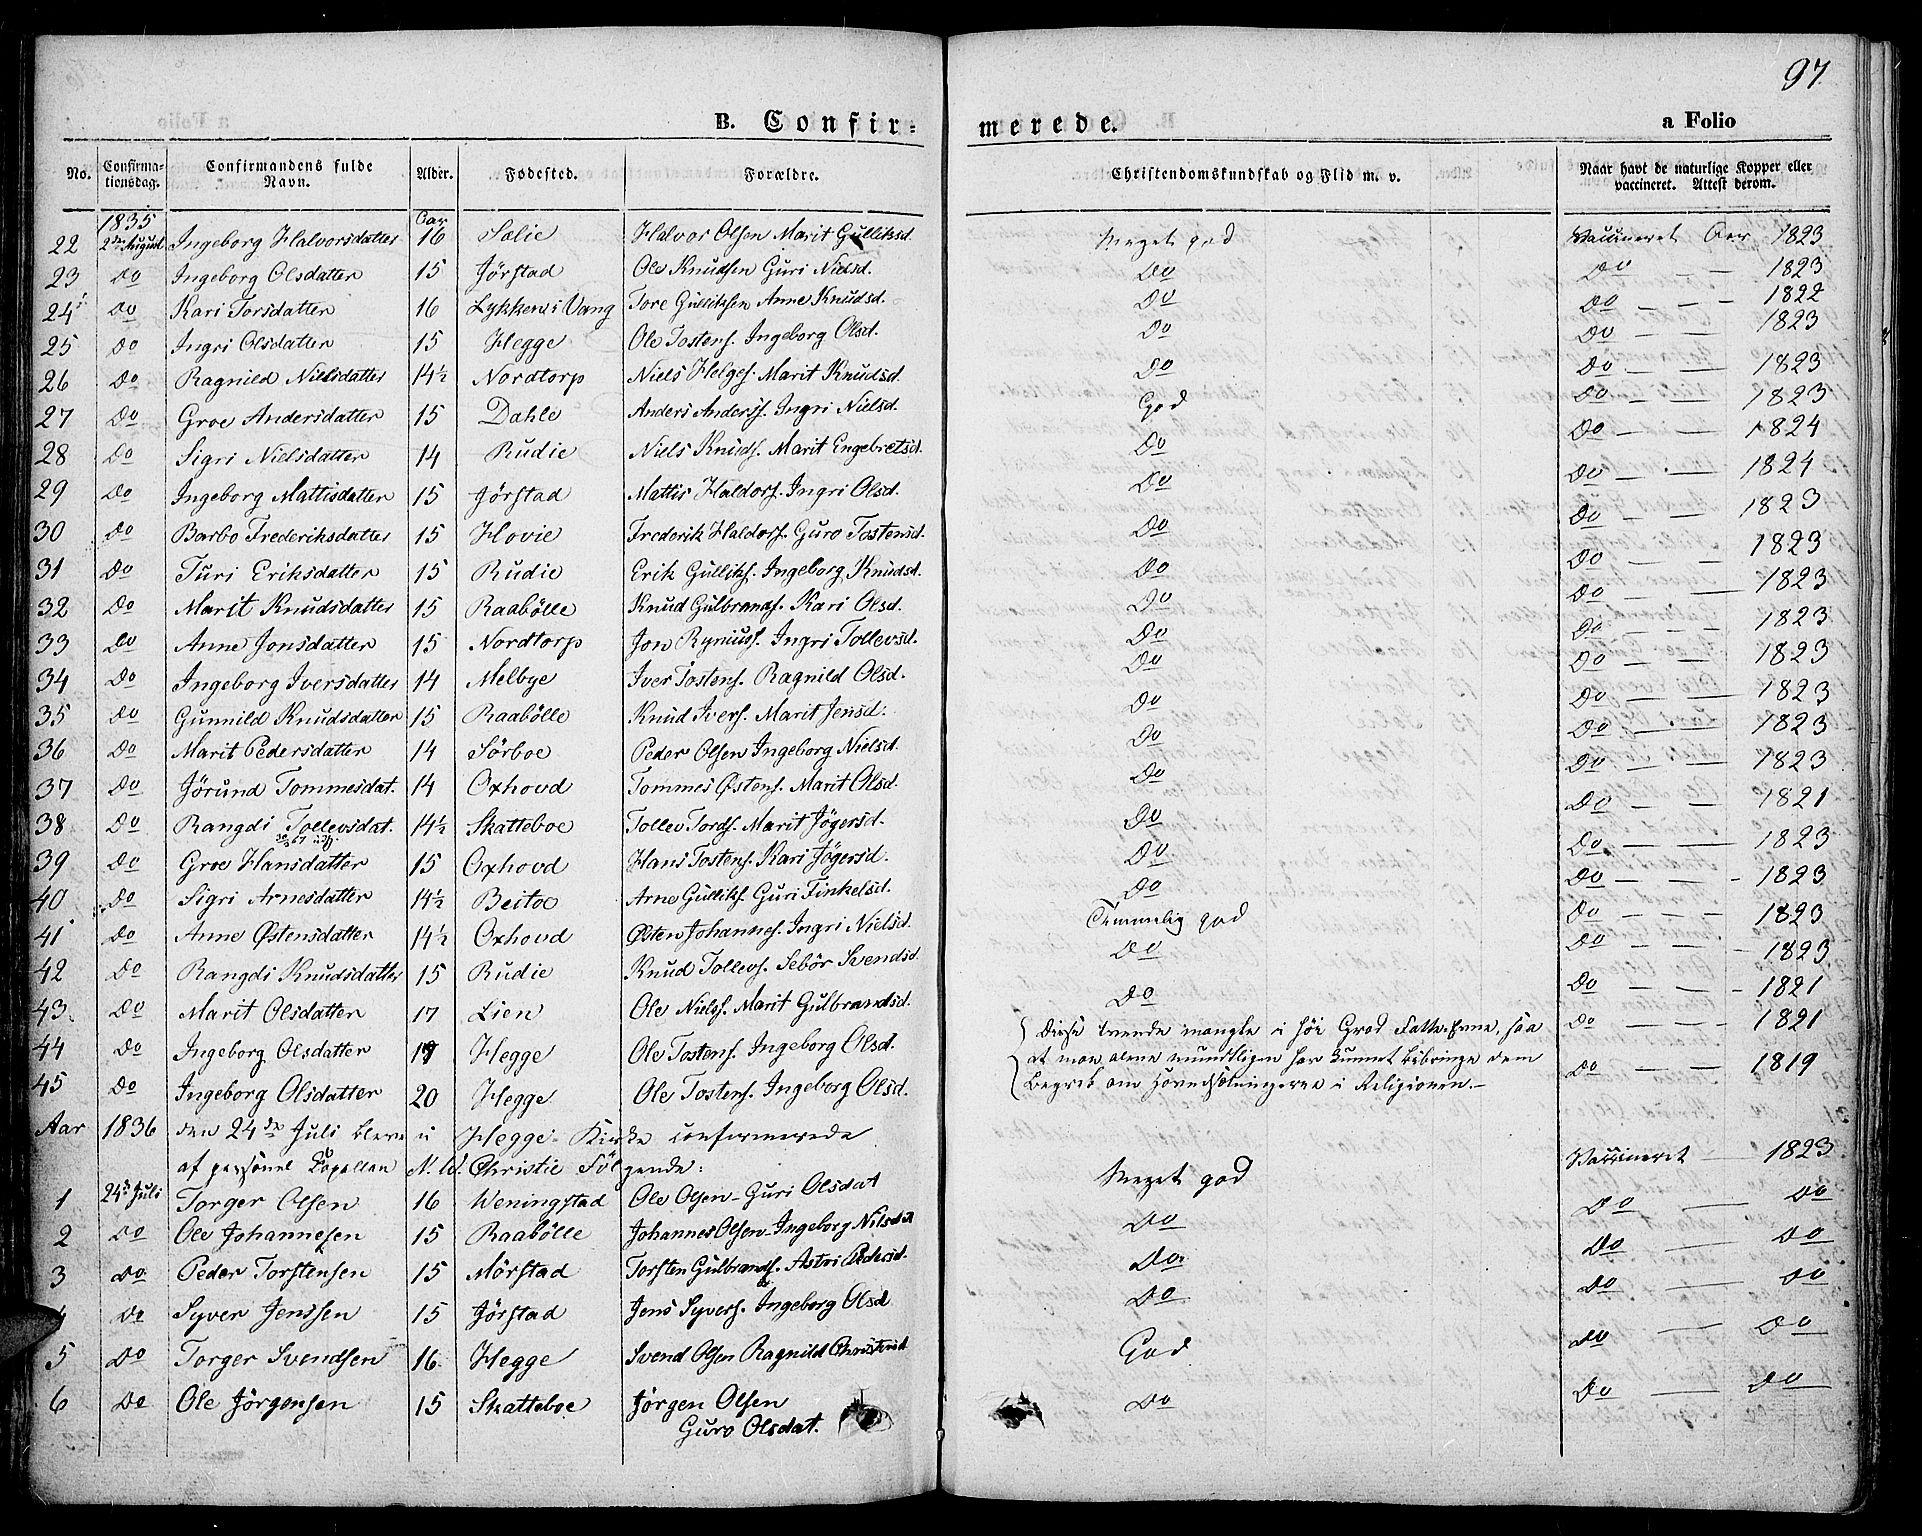 SAH, Slidre prestekontor, Ministerialbok nr. 4, 1831-1848, s. 97